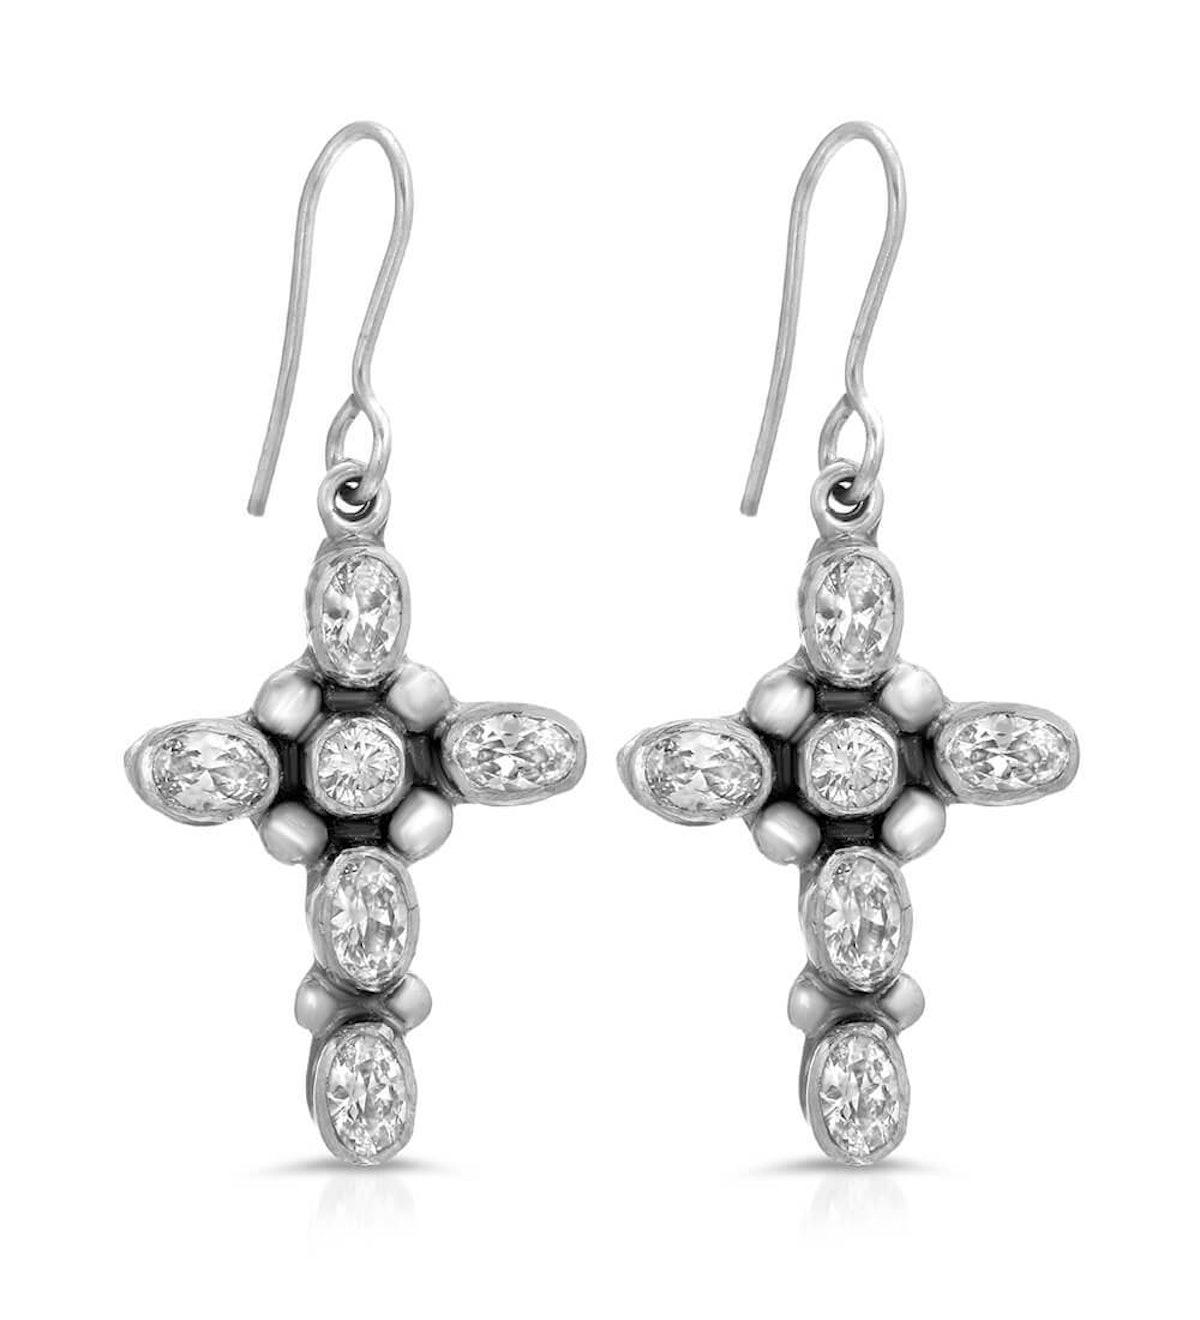 Baby Cross CZ Earrings